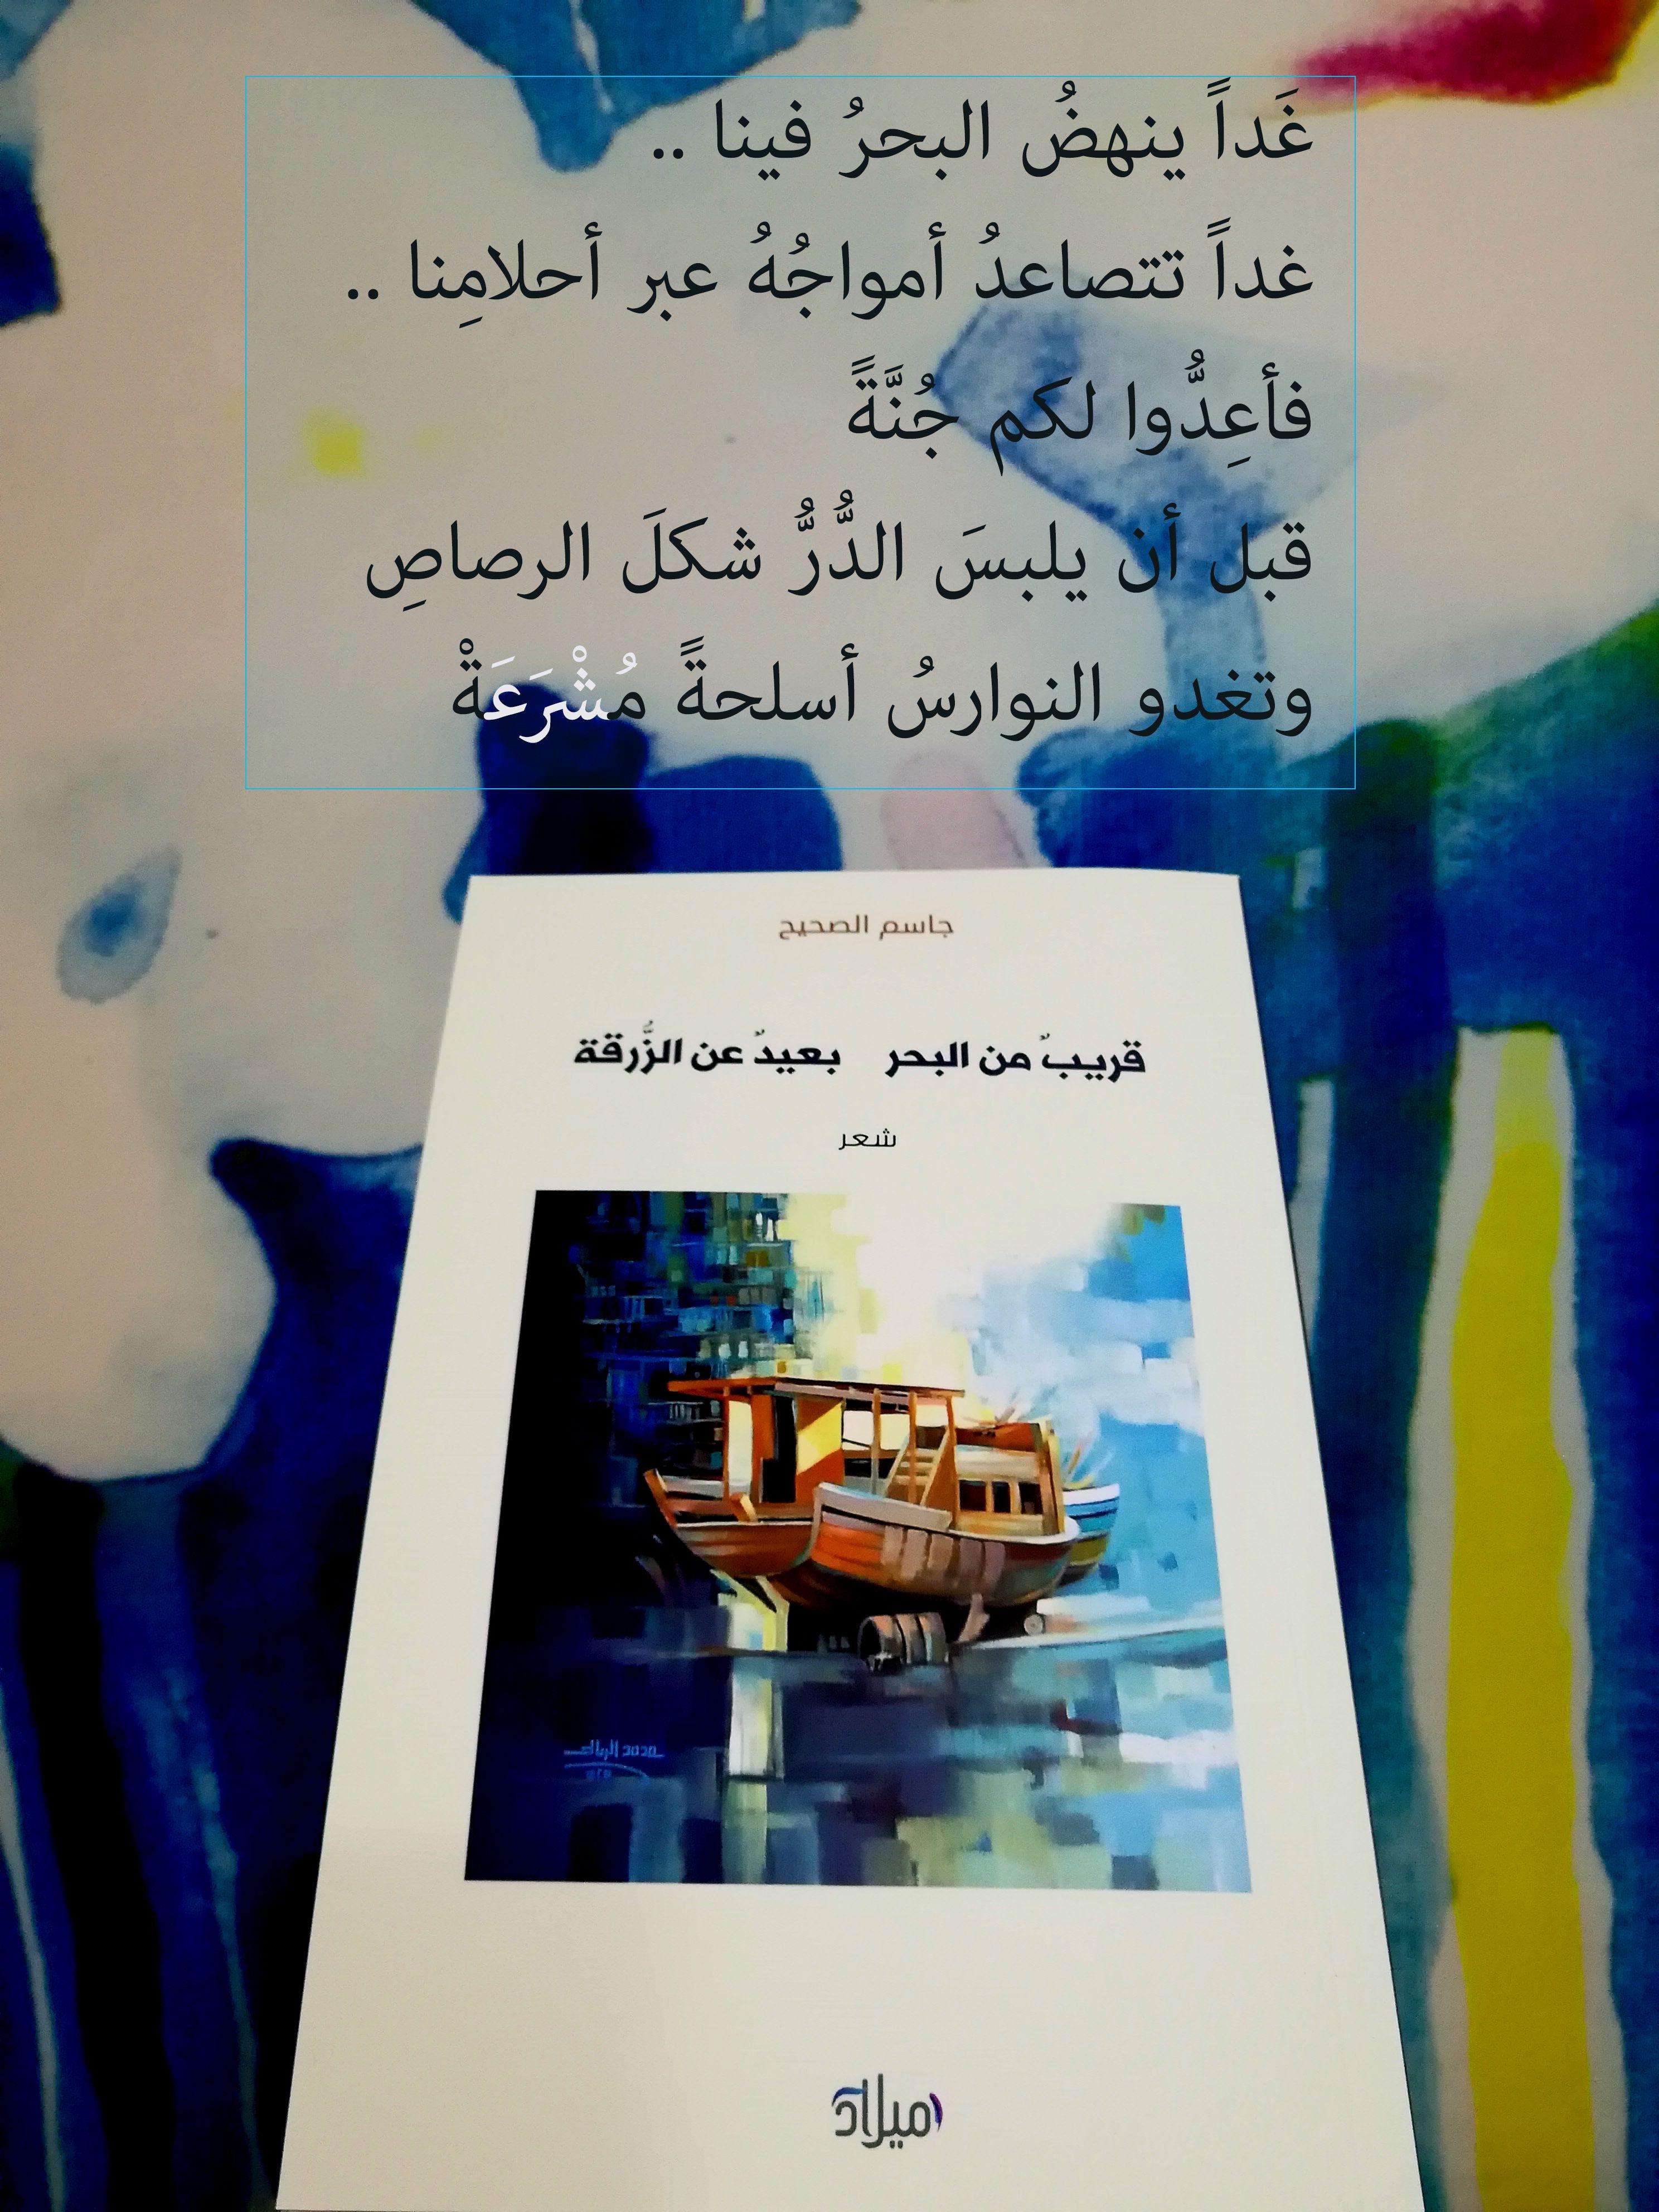 قريب من البحر بعيد عن الزرقة جاسم الصحيح Pdf Books Reading Books Books To Read